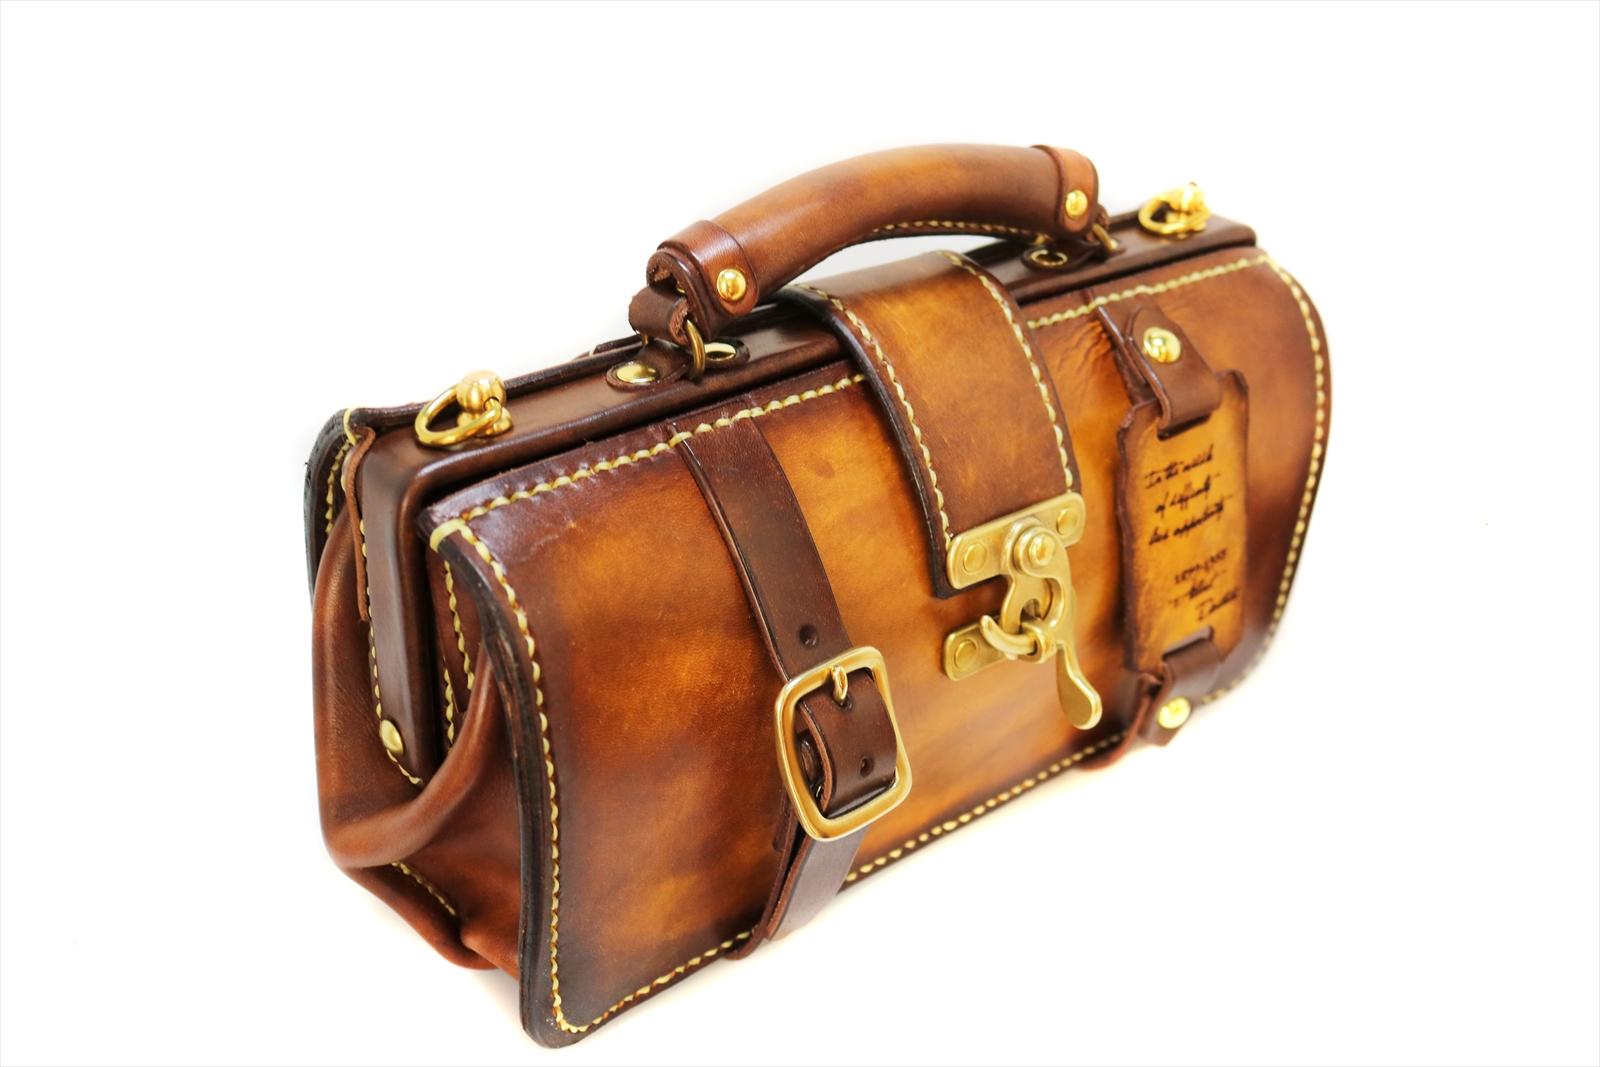 本革 ミニダレスバッグ がま口バッグ カバン 鞄 レディース 婦人バッグ セレブ 一点物